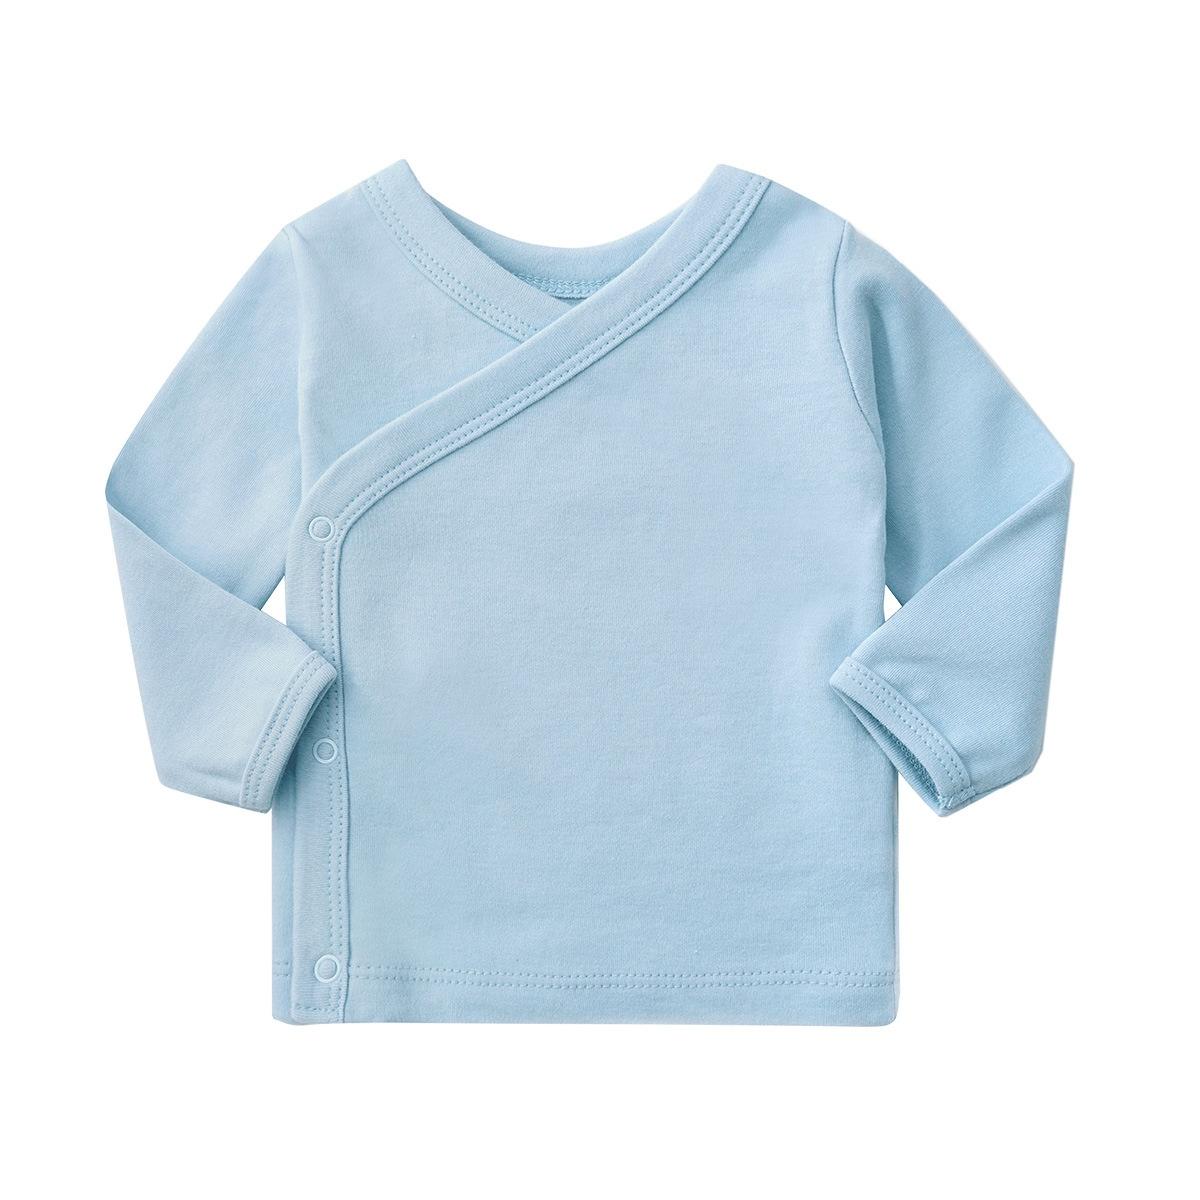 เสื้อครึ่งตัว กระดุมข้าง minizone